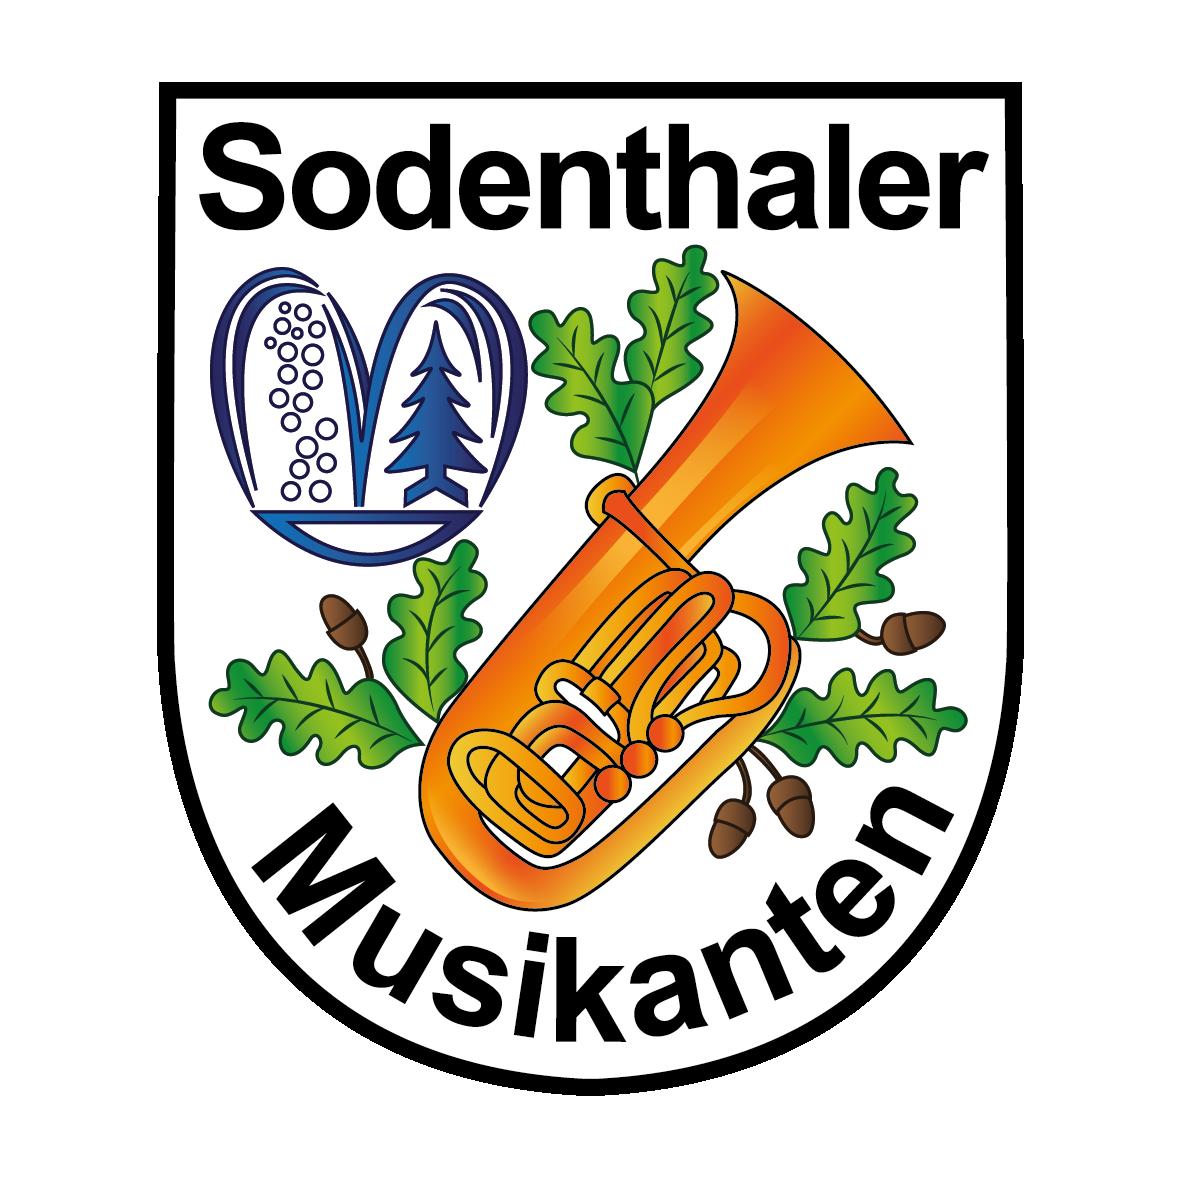 Sodenthaler Musikanten e.V.